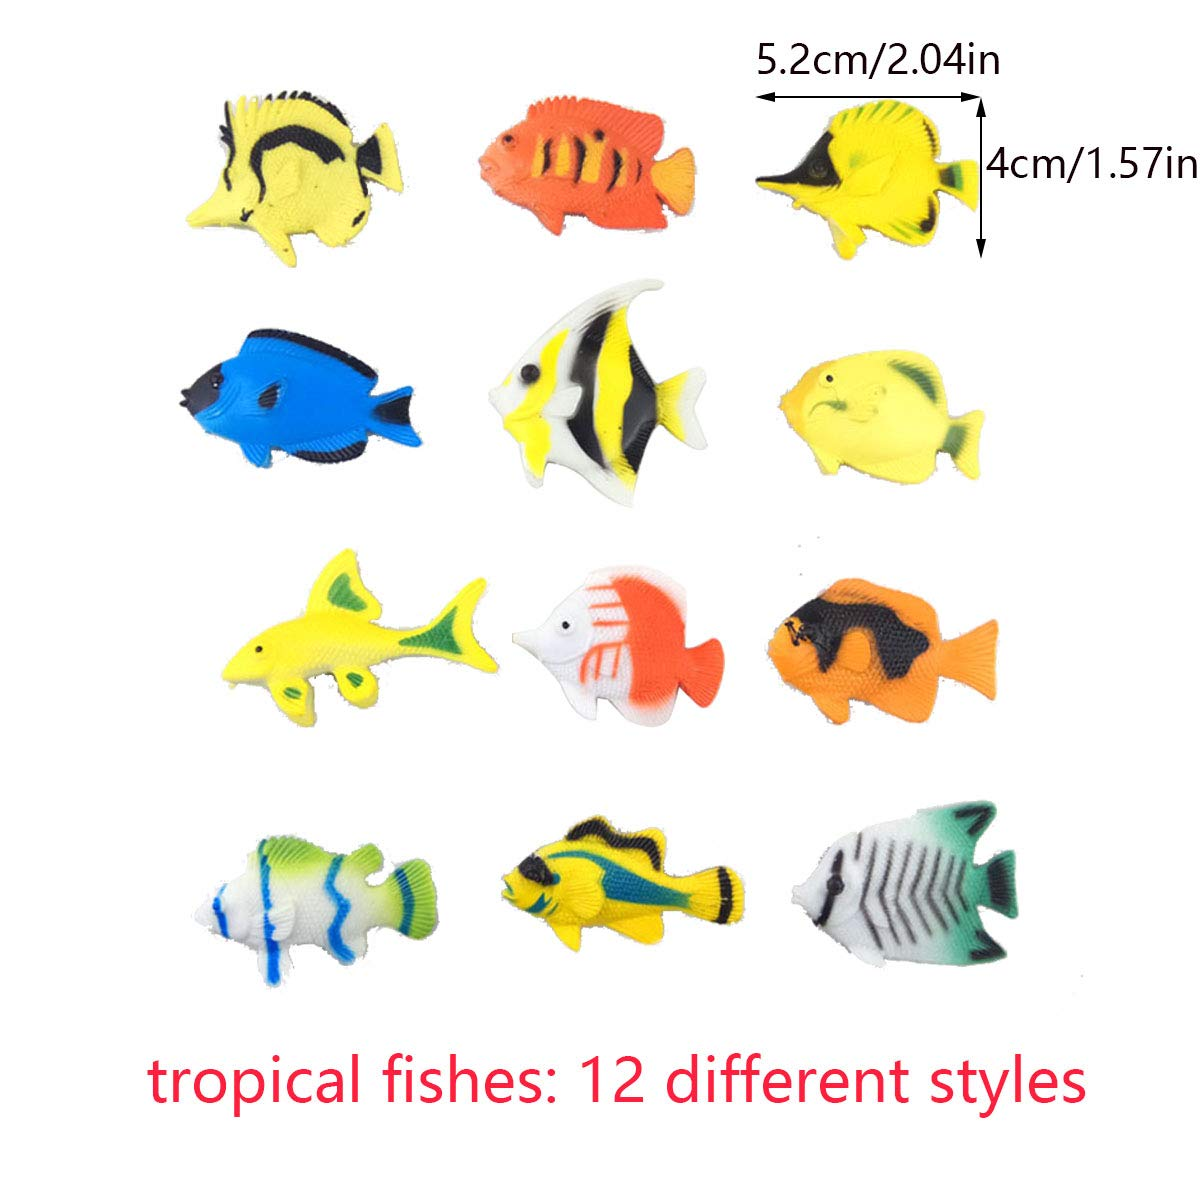 Oceano Mare Animali 49Pack Animali Marini Assortiti Animali Figure Pesci Creature Animali Marini 3D Adesivi Timbri per Figura Giocattoli da Bagno Bambini Educativi Bomboniere